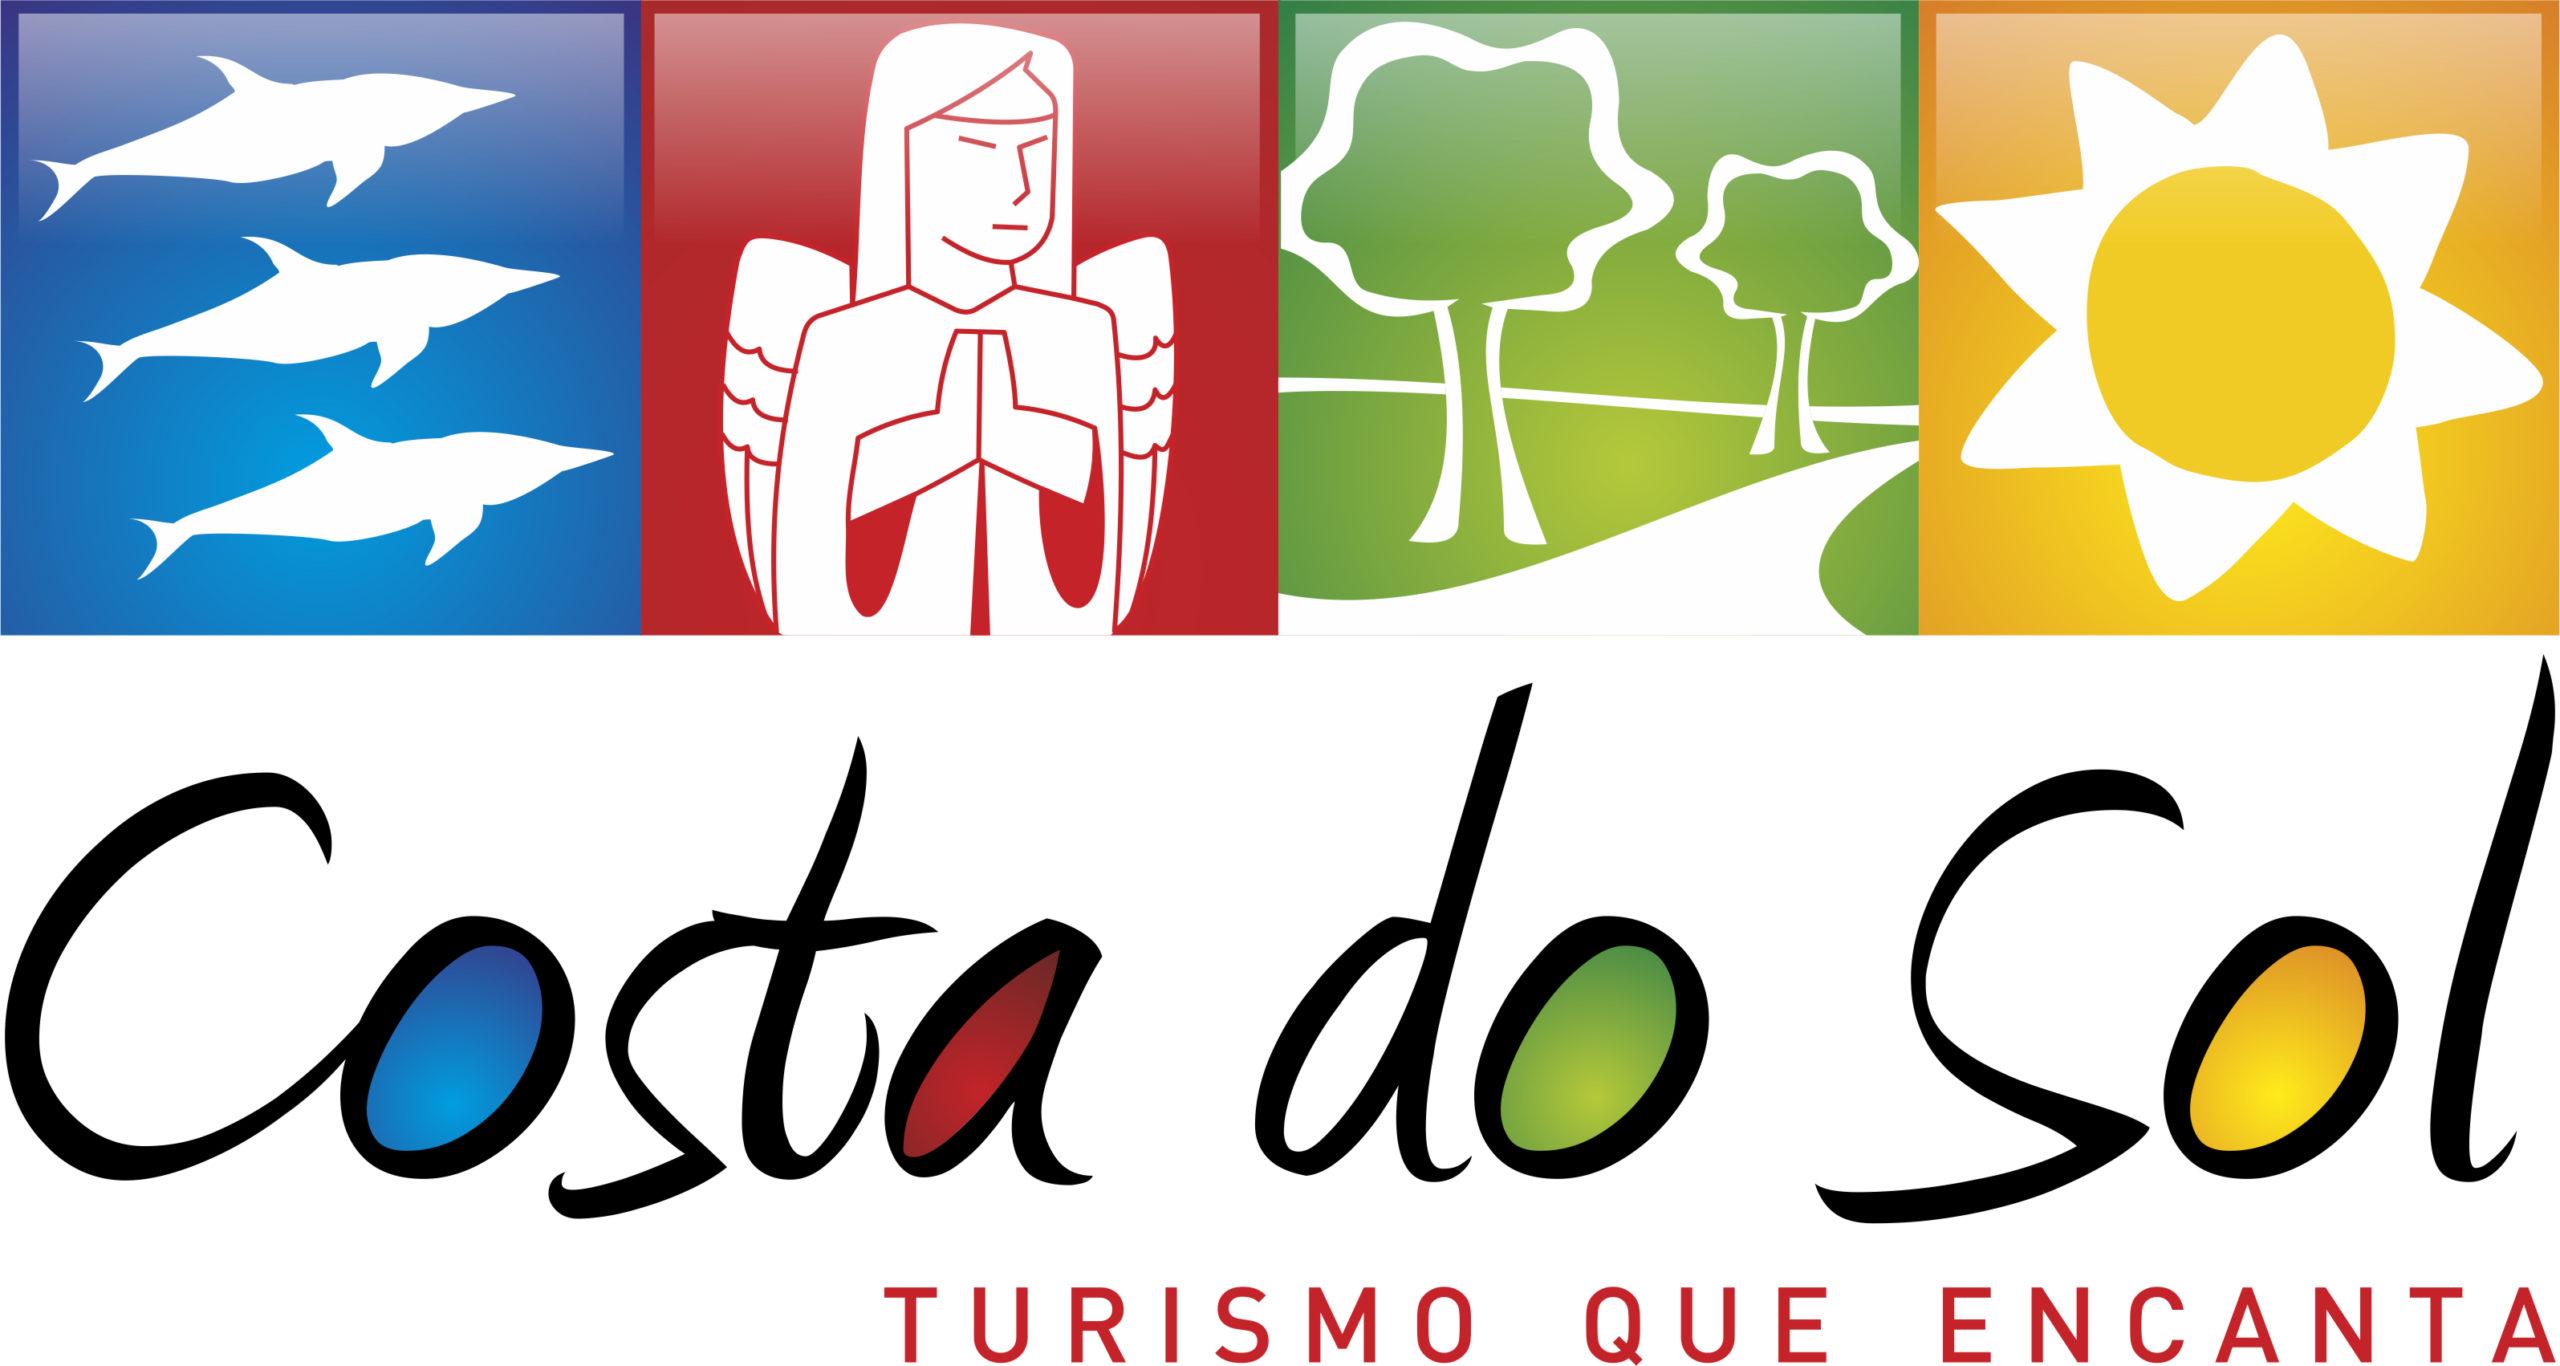 Costa do Sol Turismo